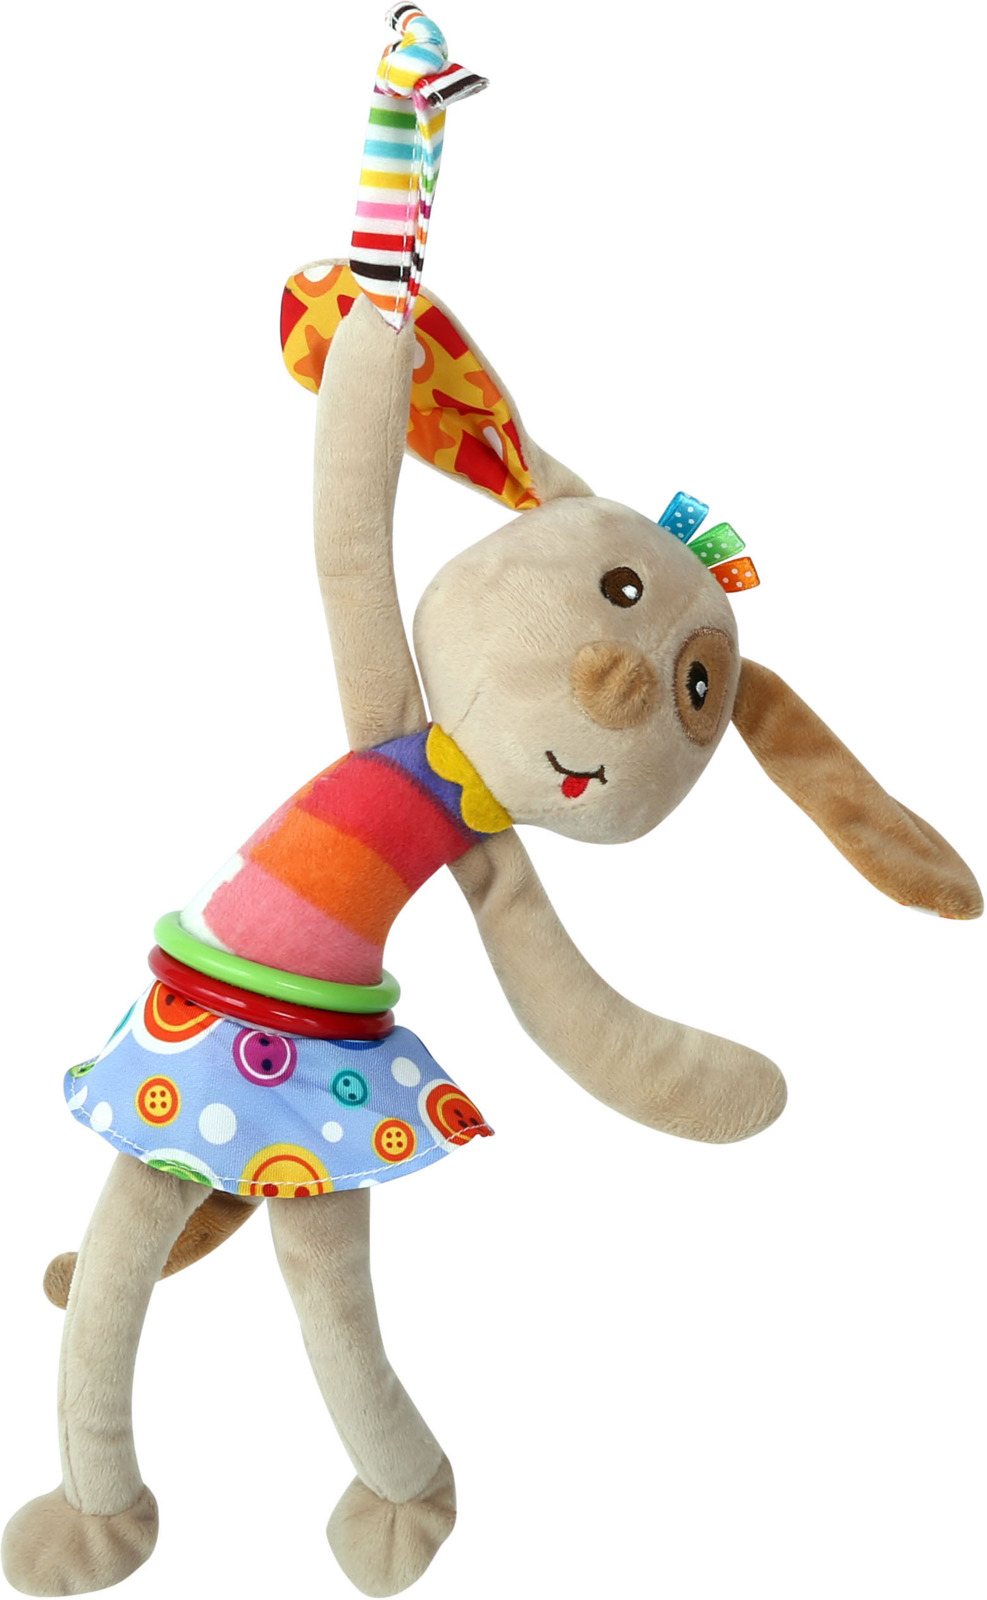 Развивающая игрушка с вибрацией Lorelli Toys Собачка. 10191200003 развивающая игрушка lorelli toys слоник 1019117